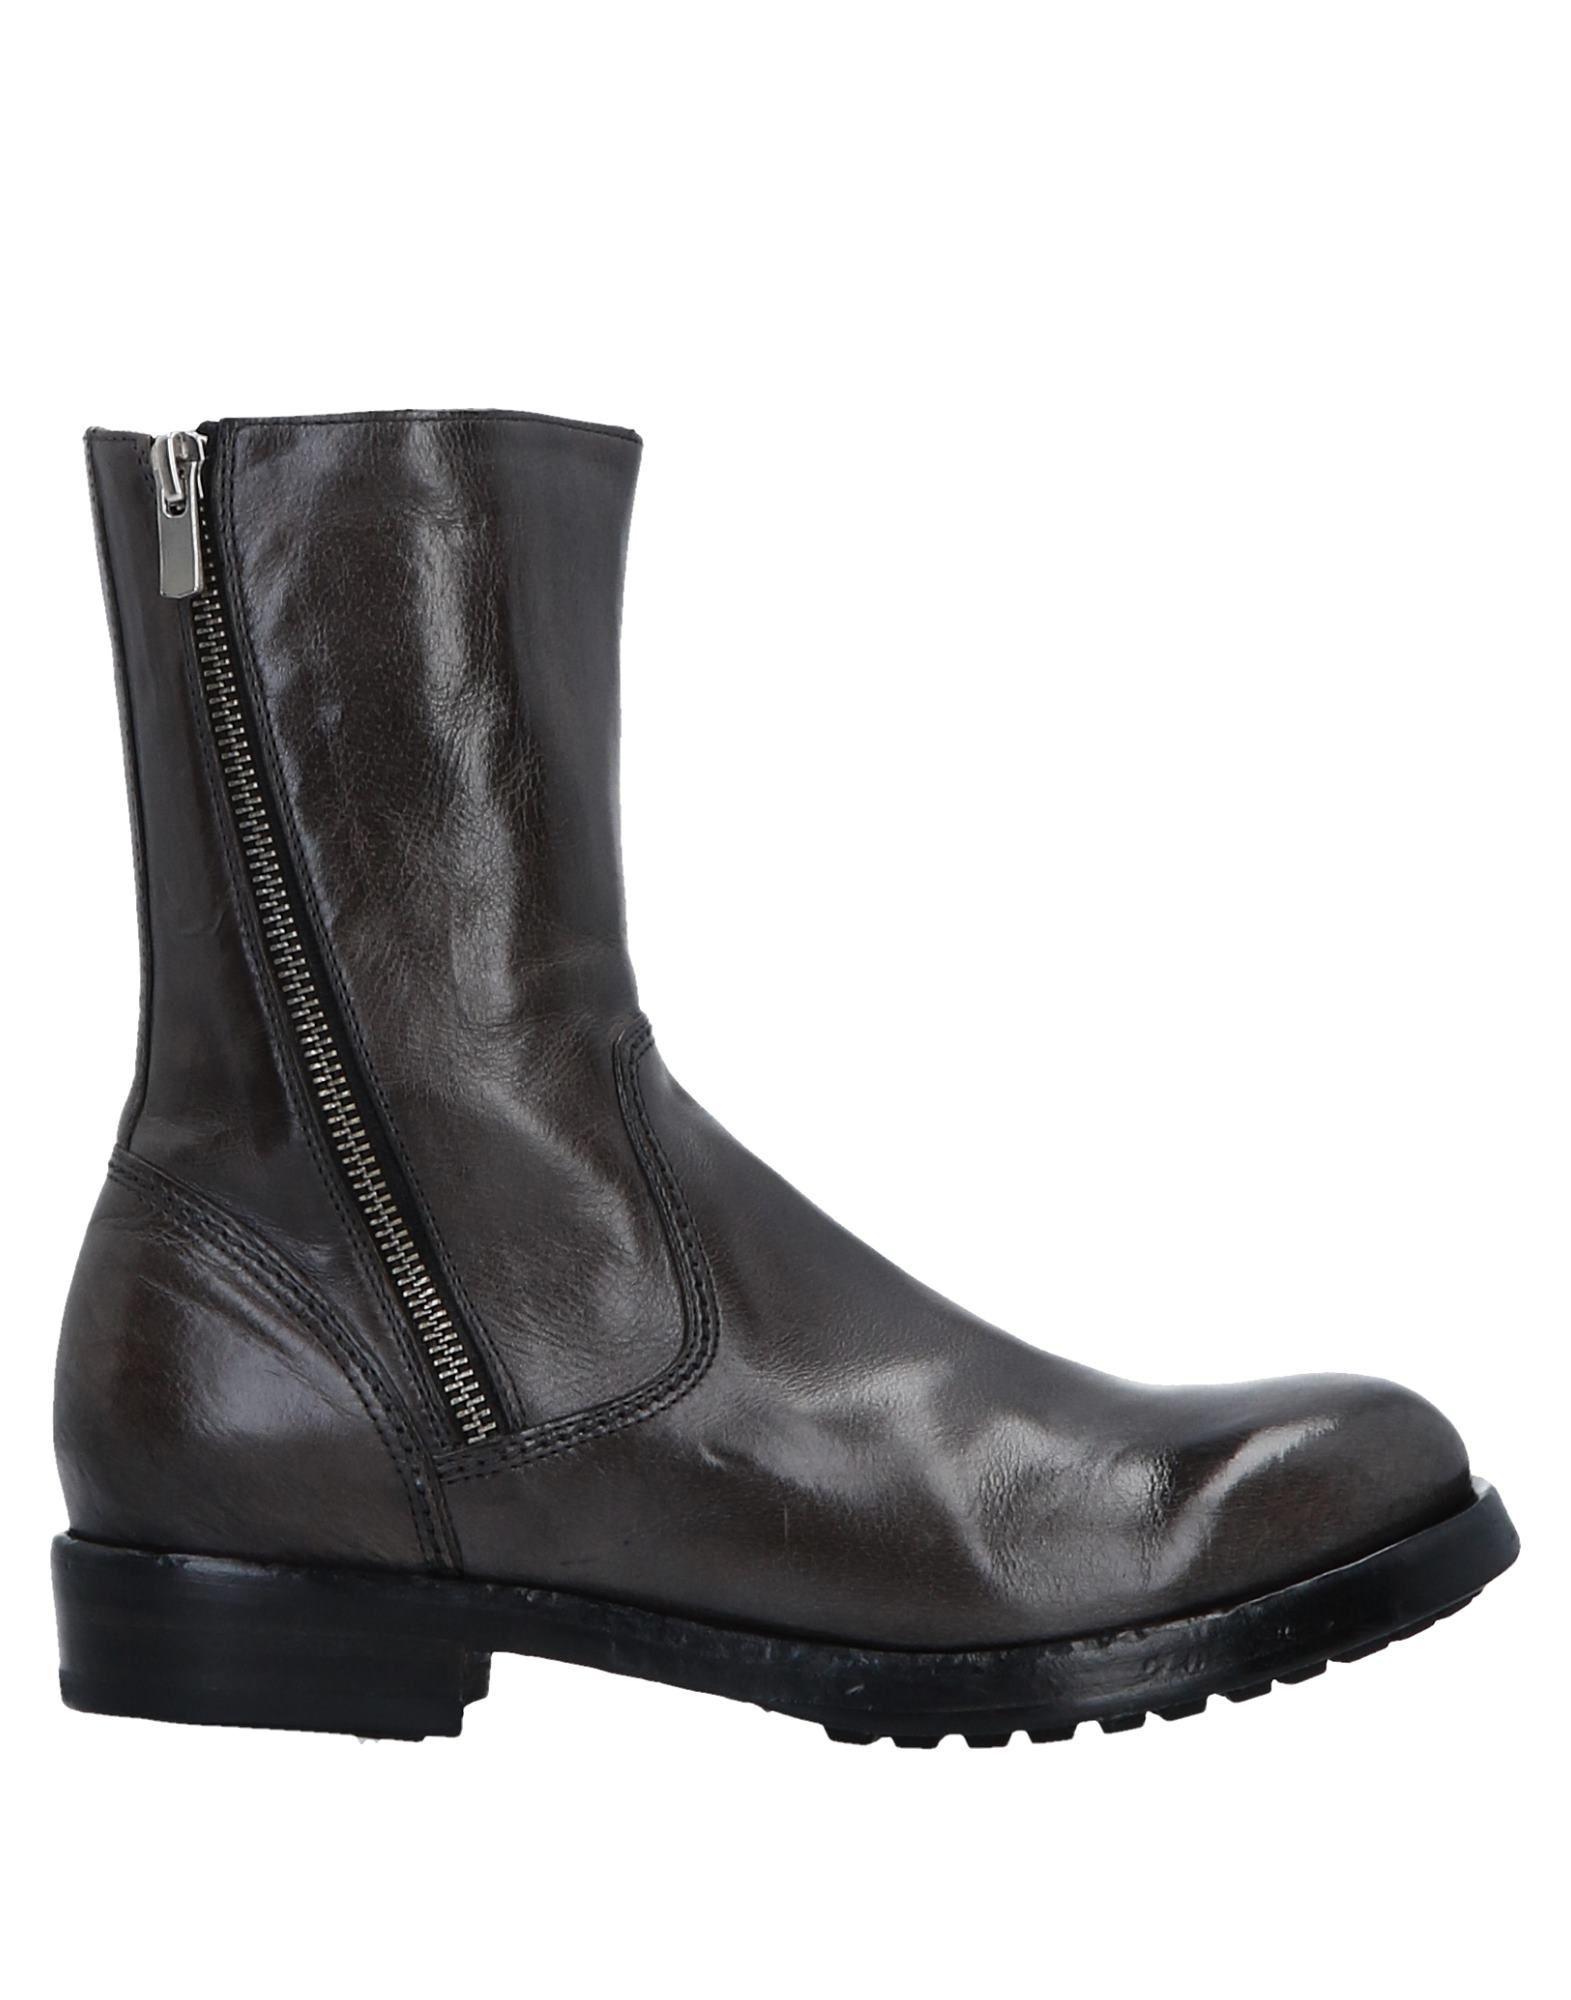 Officine Creative Italia Lead Polished Leather Boots